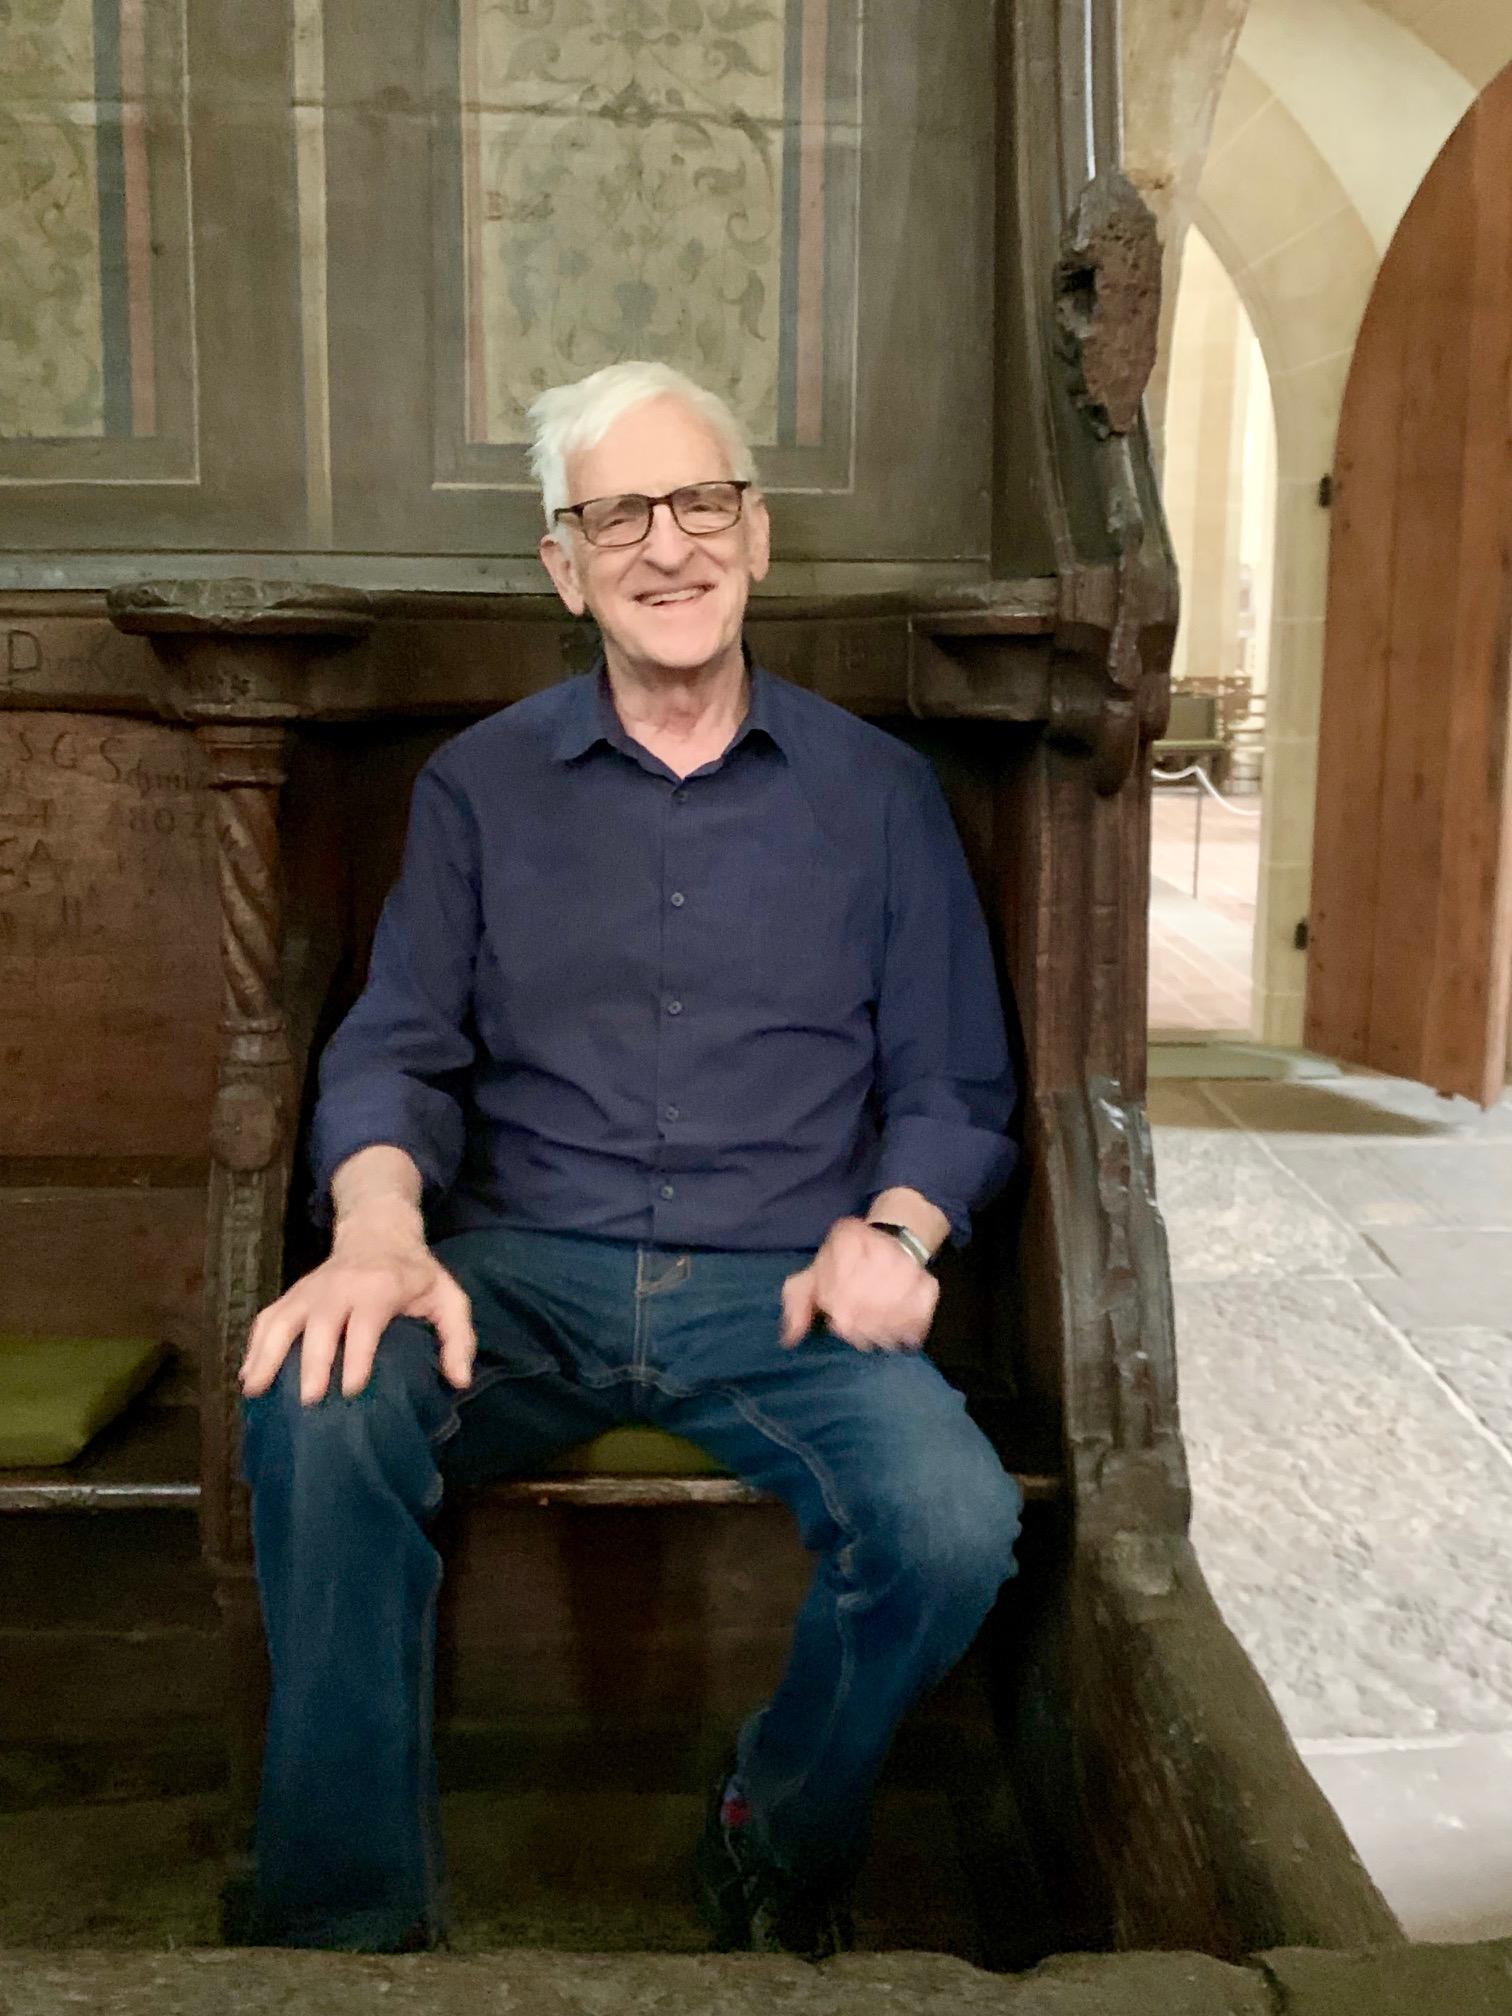 Matthew Fox sitting in Meister Eckhart's choir stall in Predigerkirsche in Erfurt, Germany.